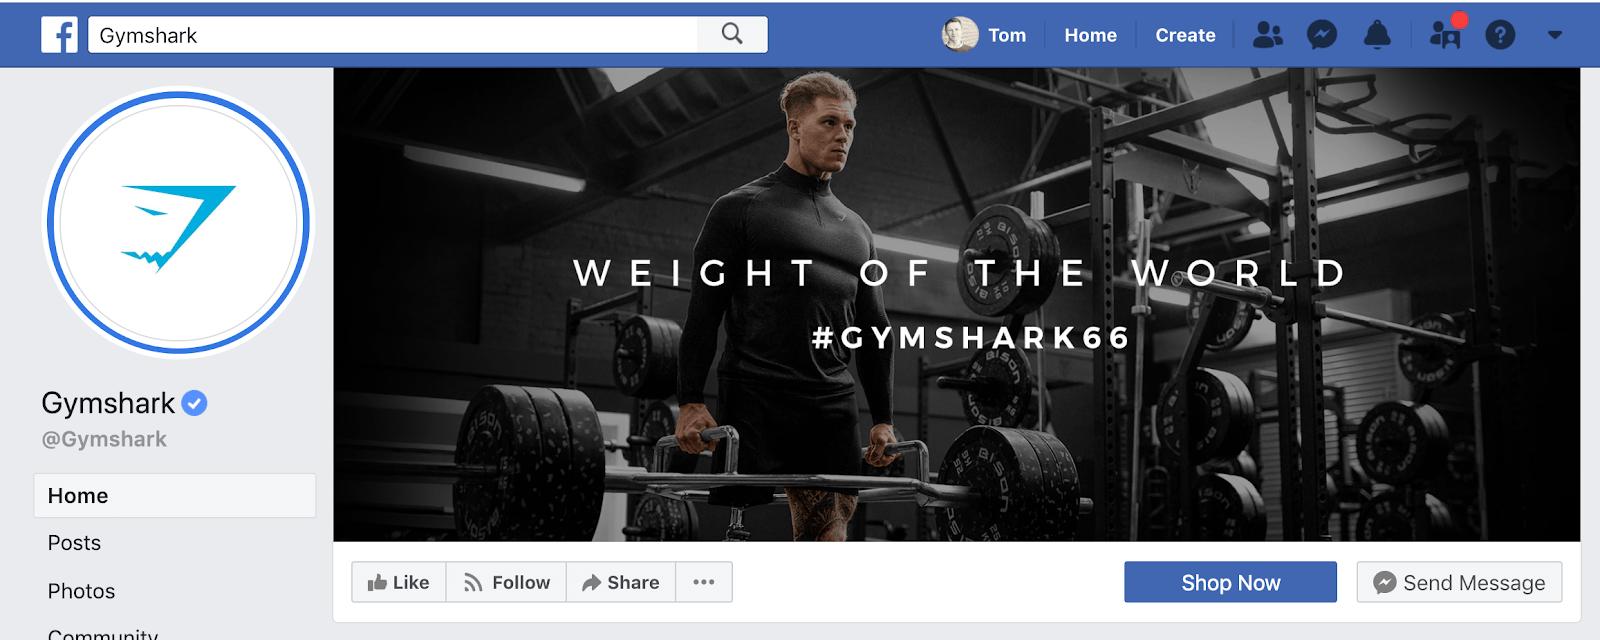 Gymshark Facebook Page